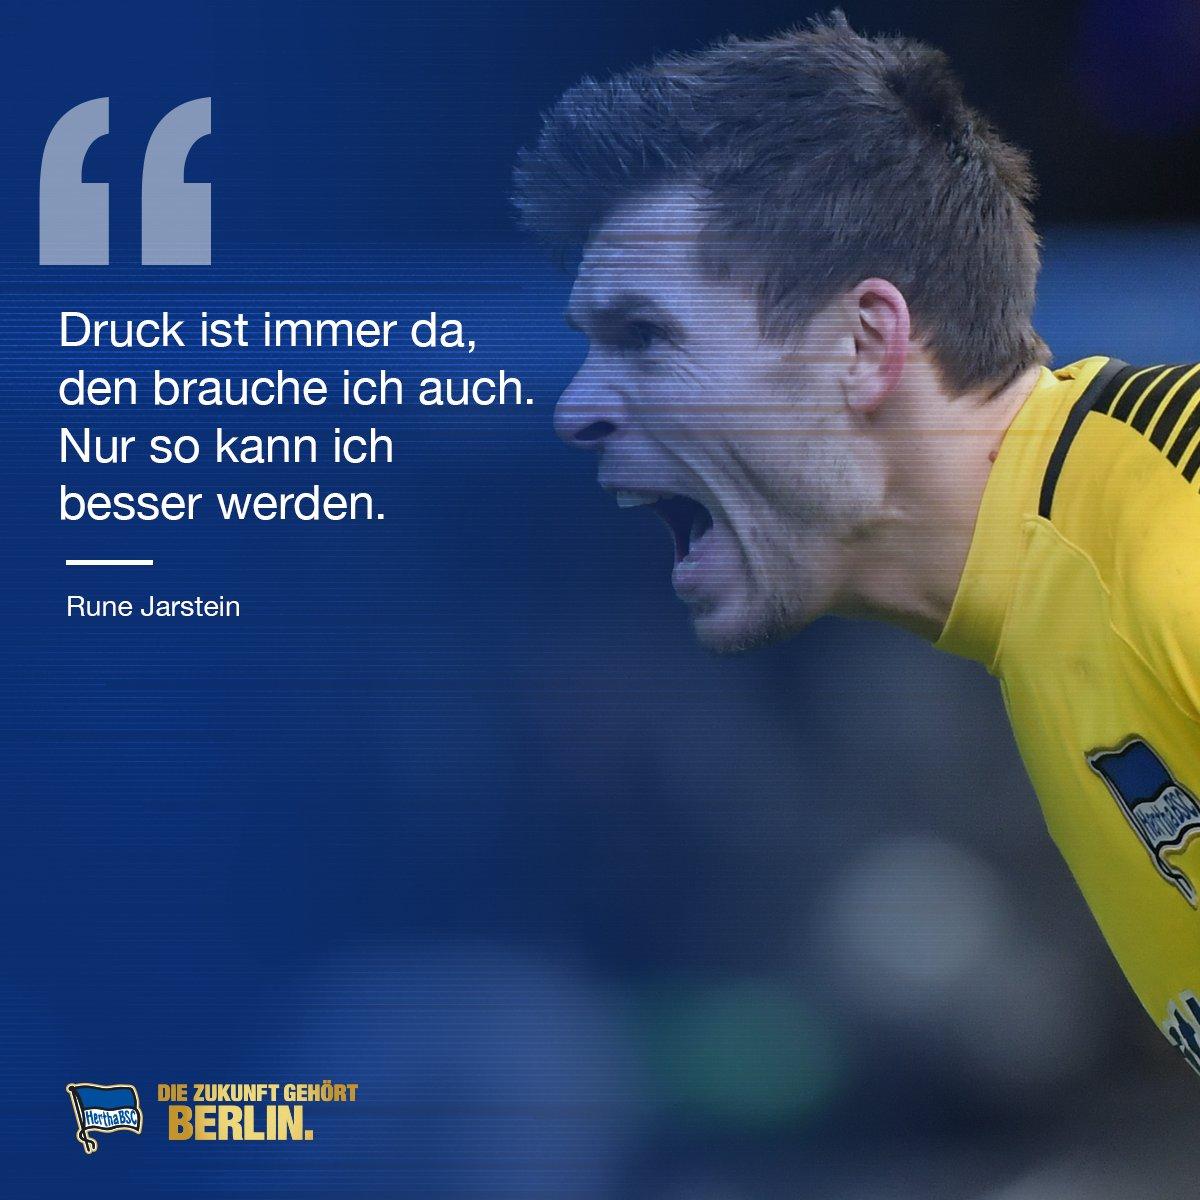 Rune #Jarstein über das Duell mit Bayern, eine mögliche Wintersportkarriere und Konkurrenzkampf auf der Torwartposition 👉👉 https://t.co/fi1eMj8DLL #FCBBSC #hahohe https://t.co/WcYgUxN4no